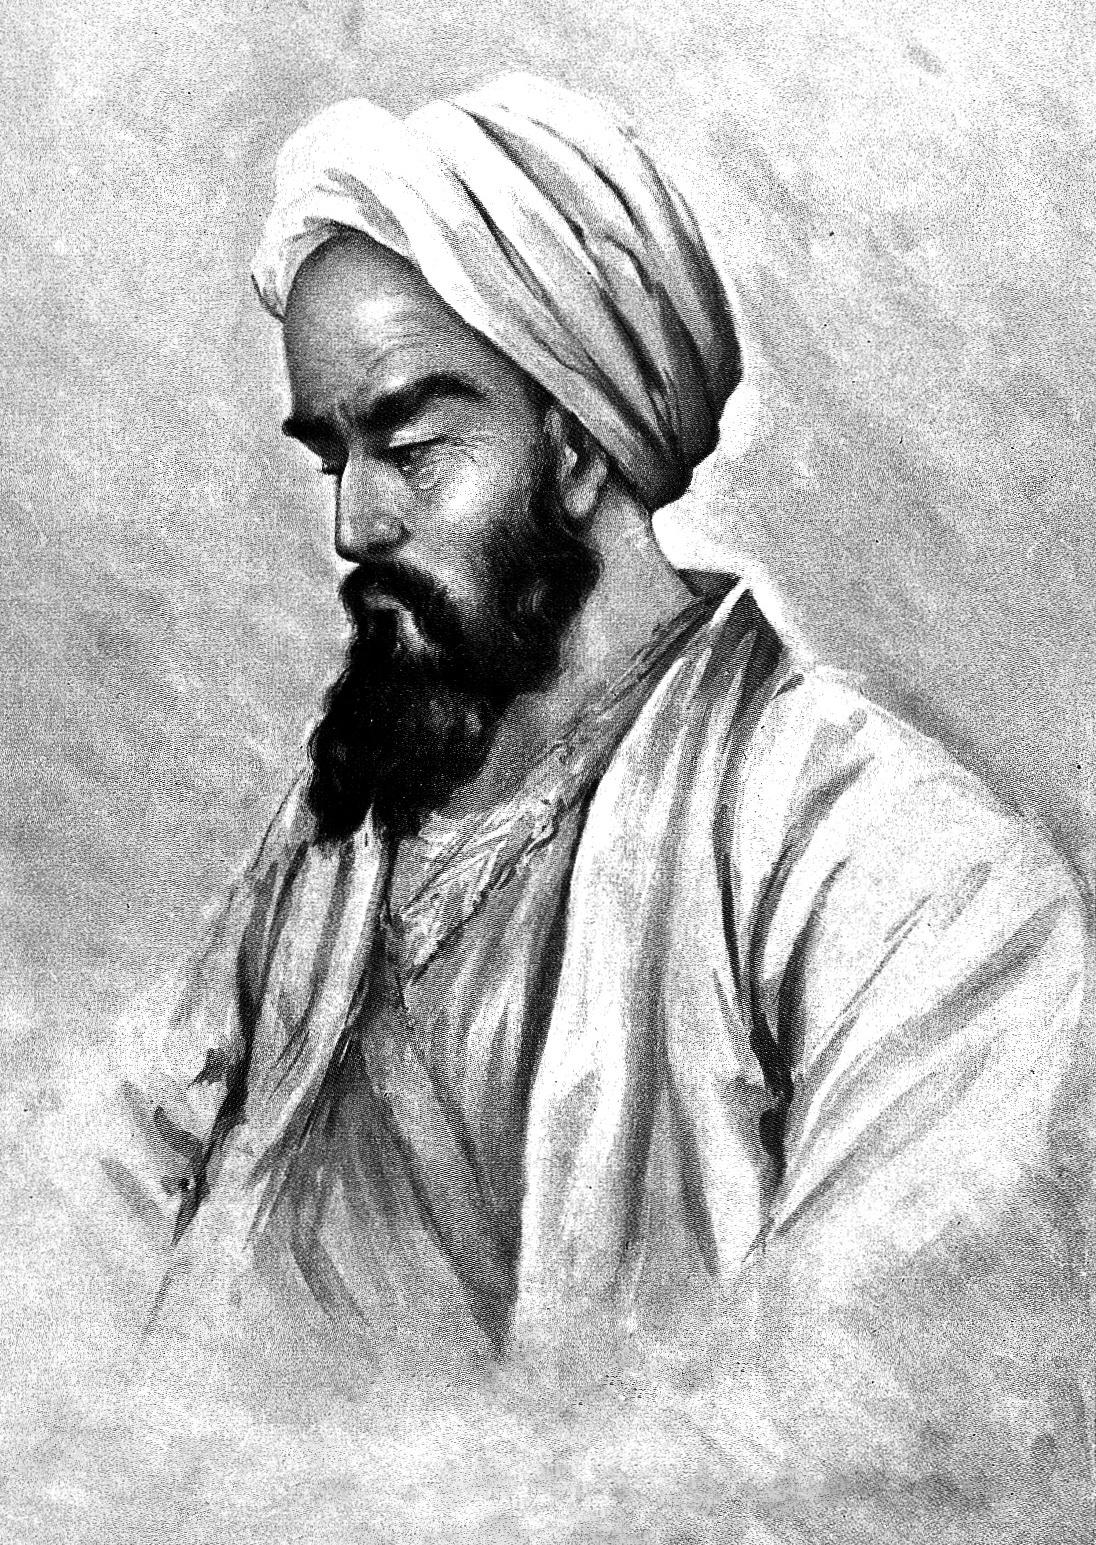 بالصور شخصيات اسلامية مؤثرة , شخصيات خالده في التاريخ unnamed file 58